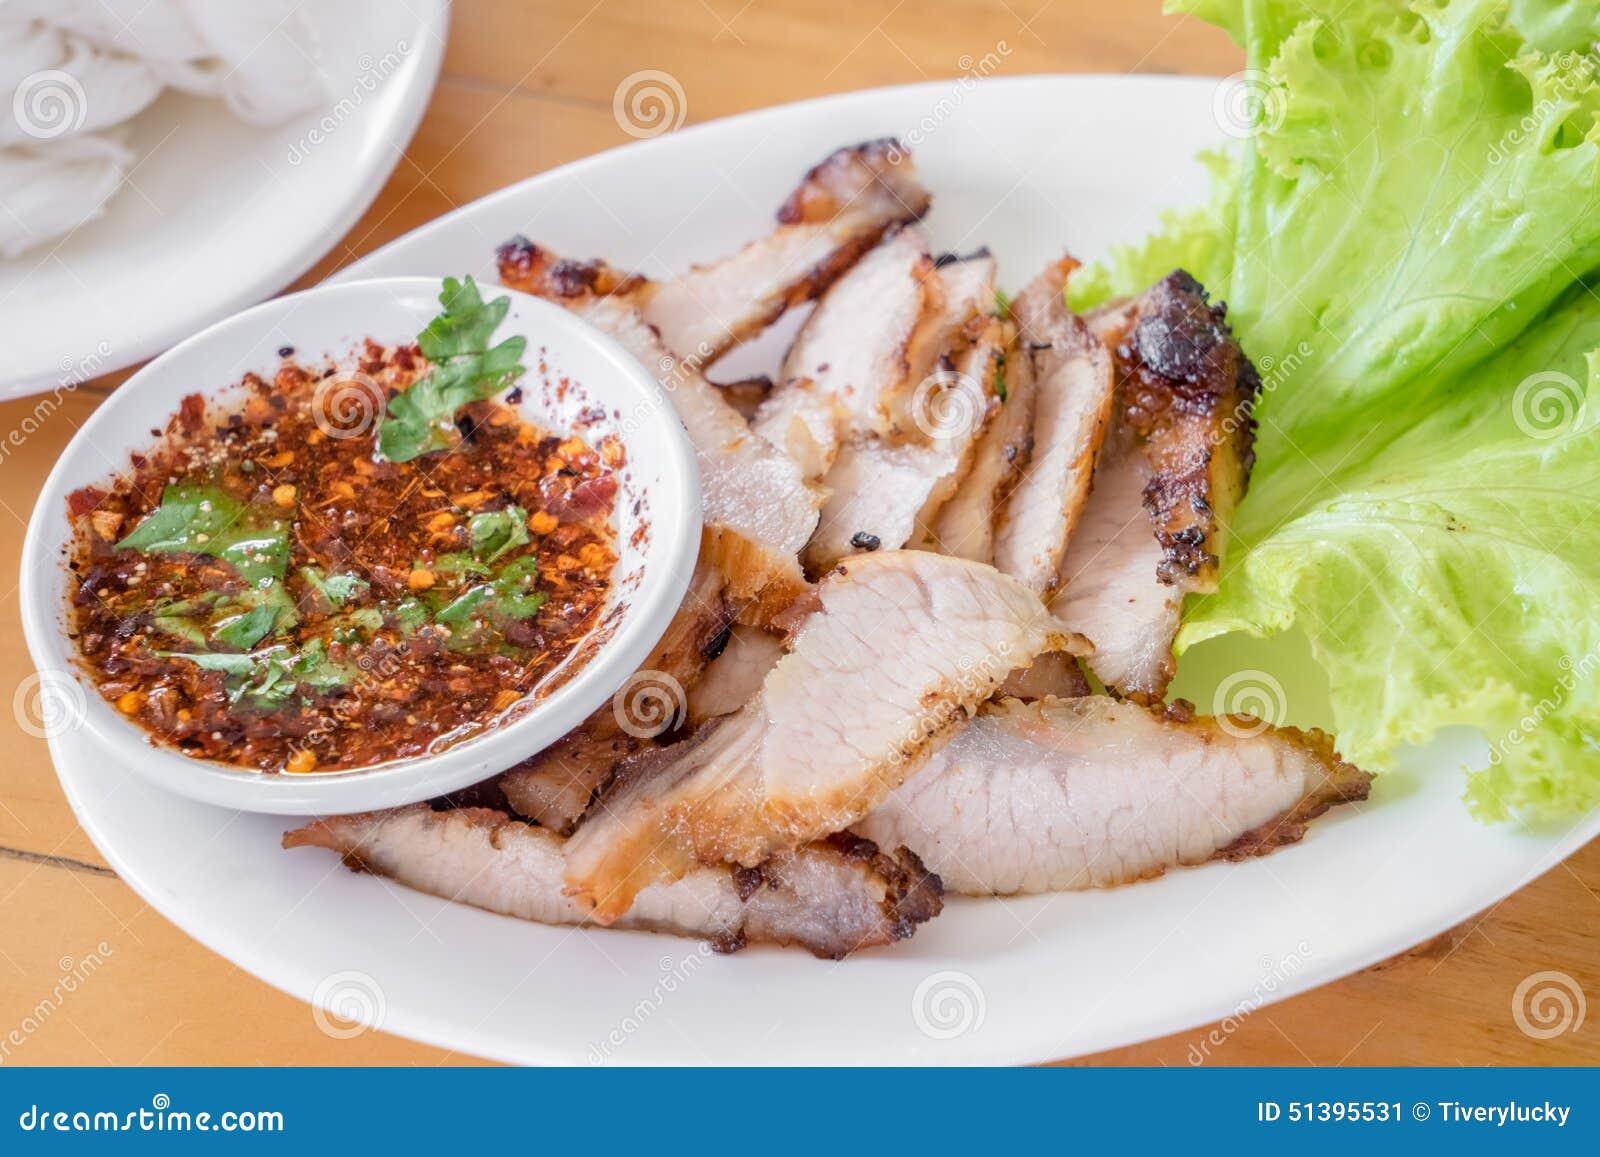 pork neck pork neck grill pork thai chargrilled pork neck with grilled ...